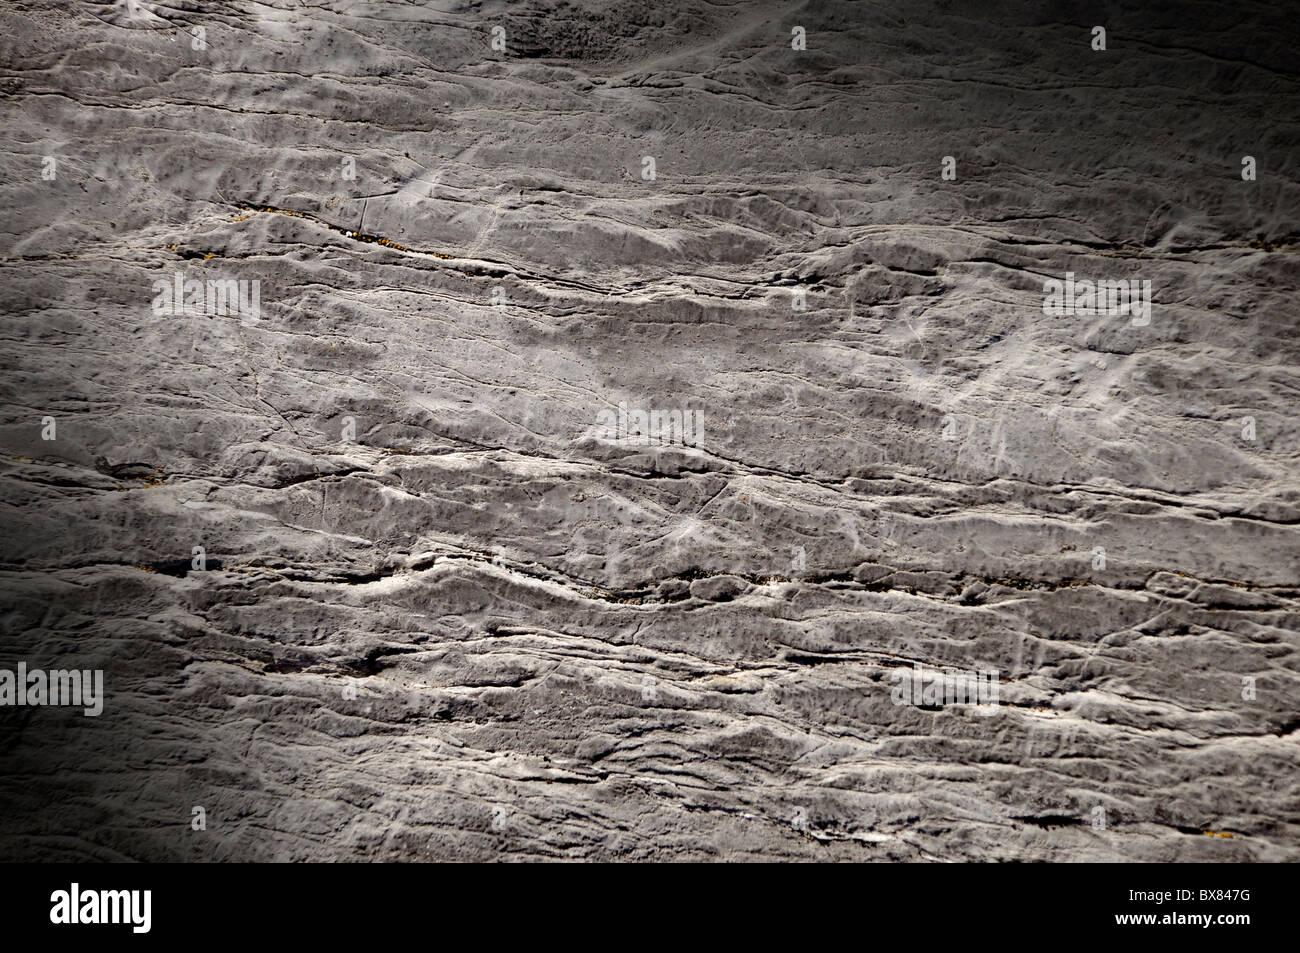 La texture de la surface fissurée rock allumé en diagonale Photo Stock